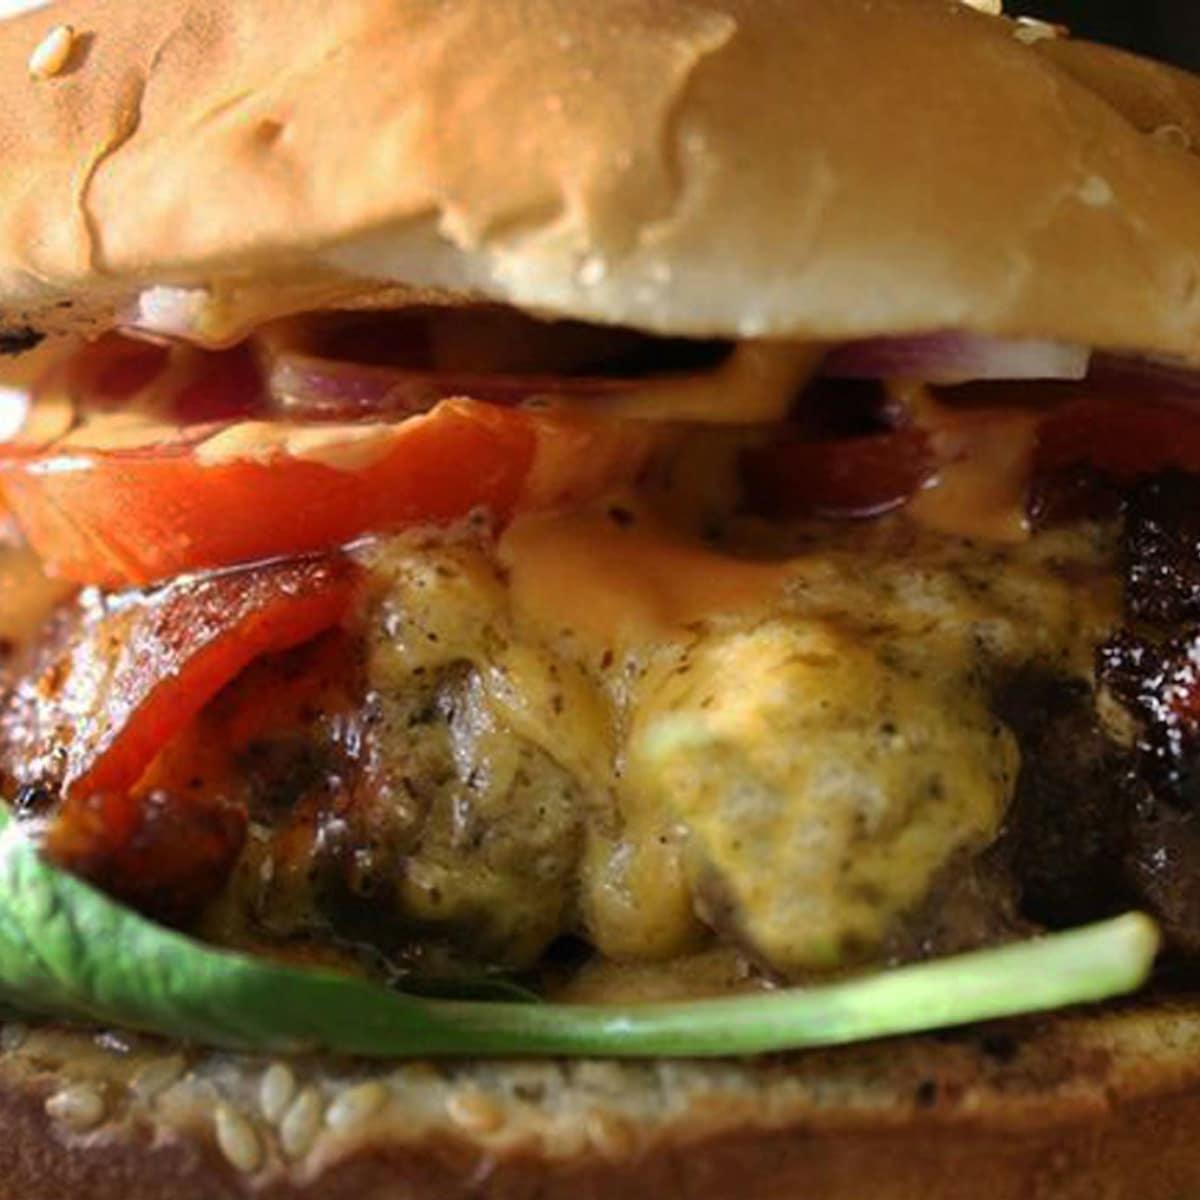 Luke's Inside Out Cheeseburger